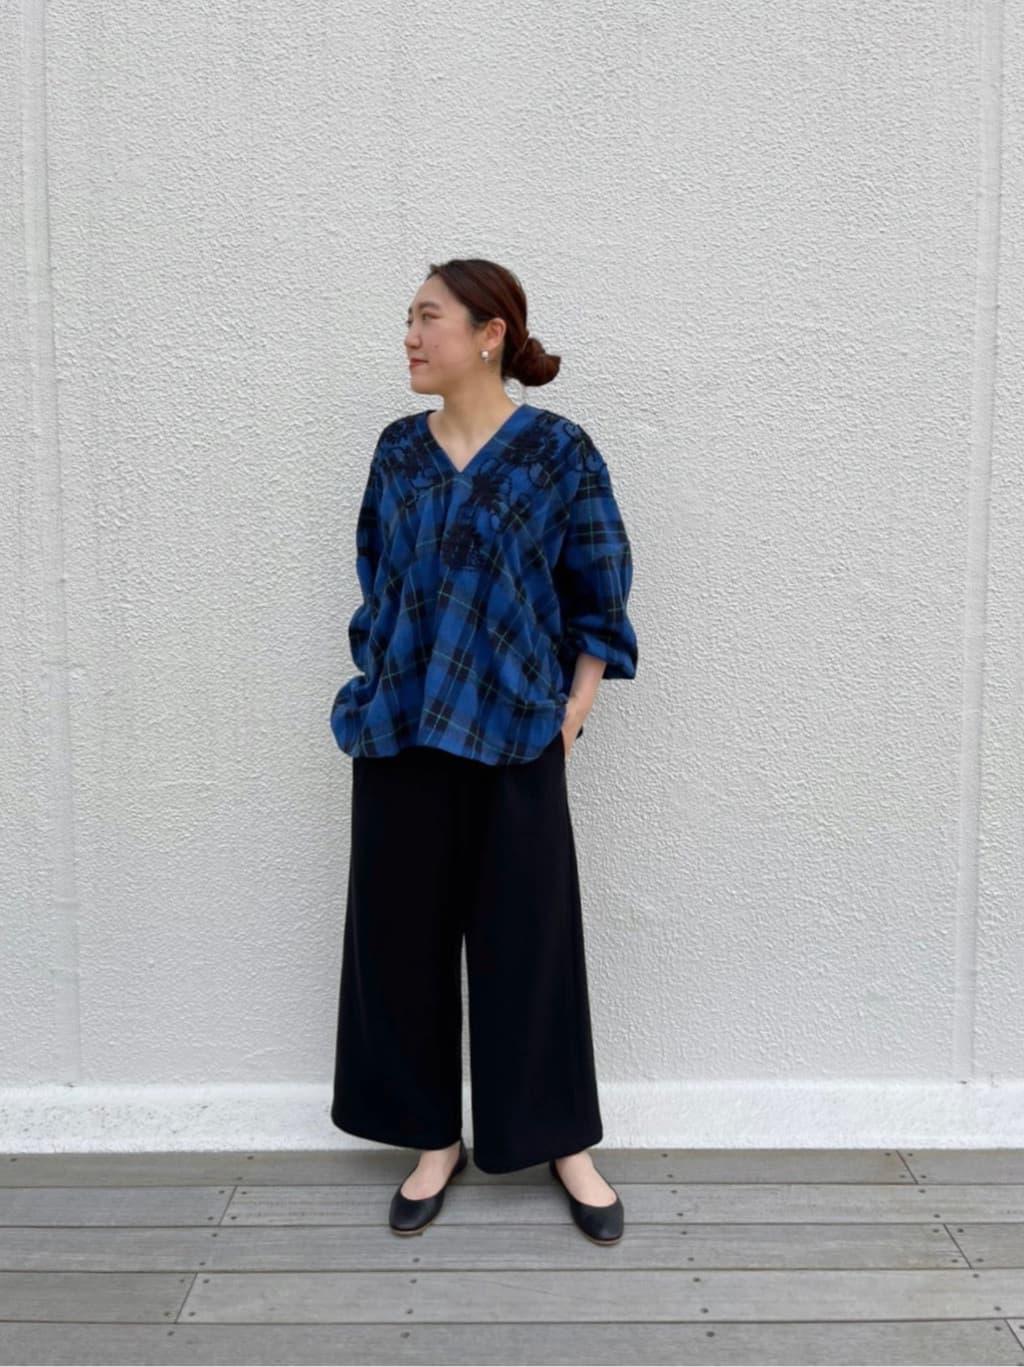 【tops】着用サイズ :F  衿元にペイズリーとフラワー刺繍を手で施した特別感のあるブラウス。  お尻が隠れるゆったりの着丈ですが、 前後Vネックなので首周りがすっきりとした印象に。  伸縮性:なし 透け感:なし 裏地 :なし 光沢感 : なし   【pants】着用サイズ:1  ぽこぽこしたコットンブークレー素材のパンツ。  定番のウエストリブシリーズでゆったり、ジャージ感覚で着られます。  164cmの私で1サイズを着ると足首にかかる着丈です。  伸縮性:あり 透け感:なし 裏地 :なし 光沢感 : なし   【shoes】着用サイズ : 37(普段24.5)  シンプルなデザインのフラットシューズ。  レザーが柔らかく足によくフィットしてくれるので とても履きやすいです。  FABIO RUSCONI / ファビオ・ルスコーニ